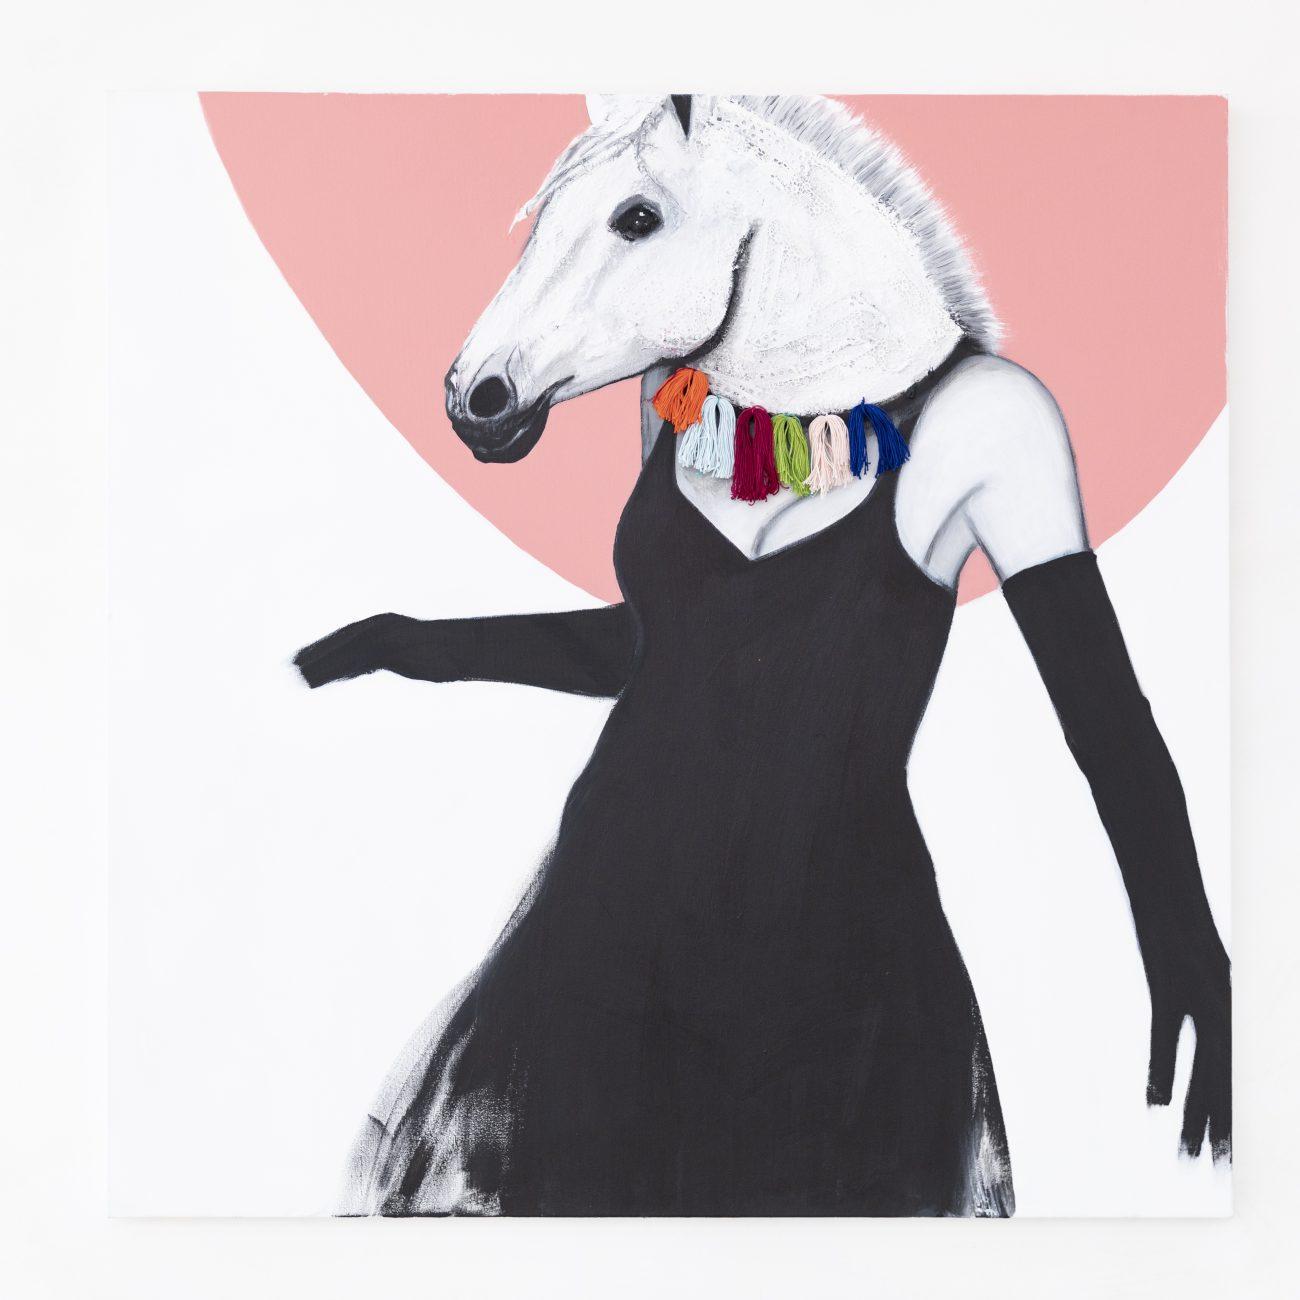 Cavallo in Maschera, tecnica mista su tela, 100x100 cm, 2019